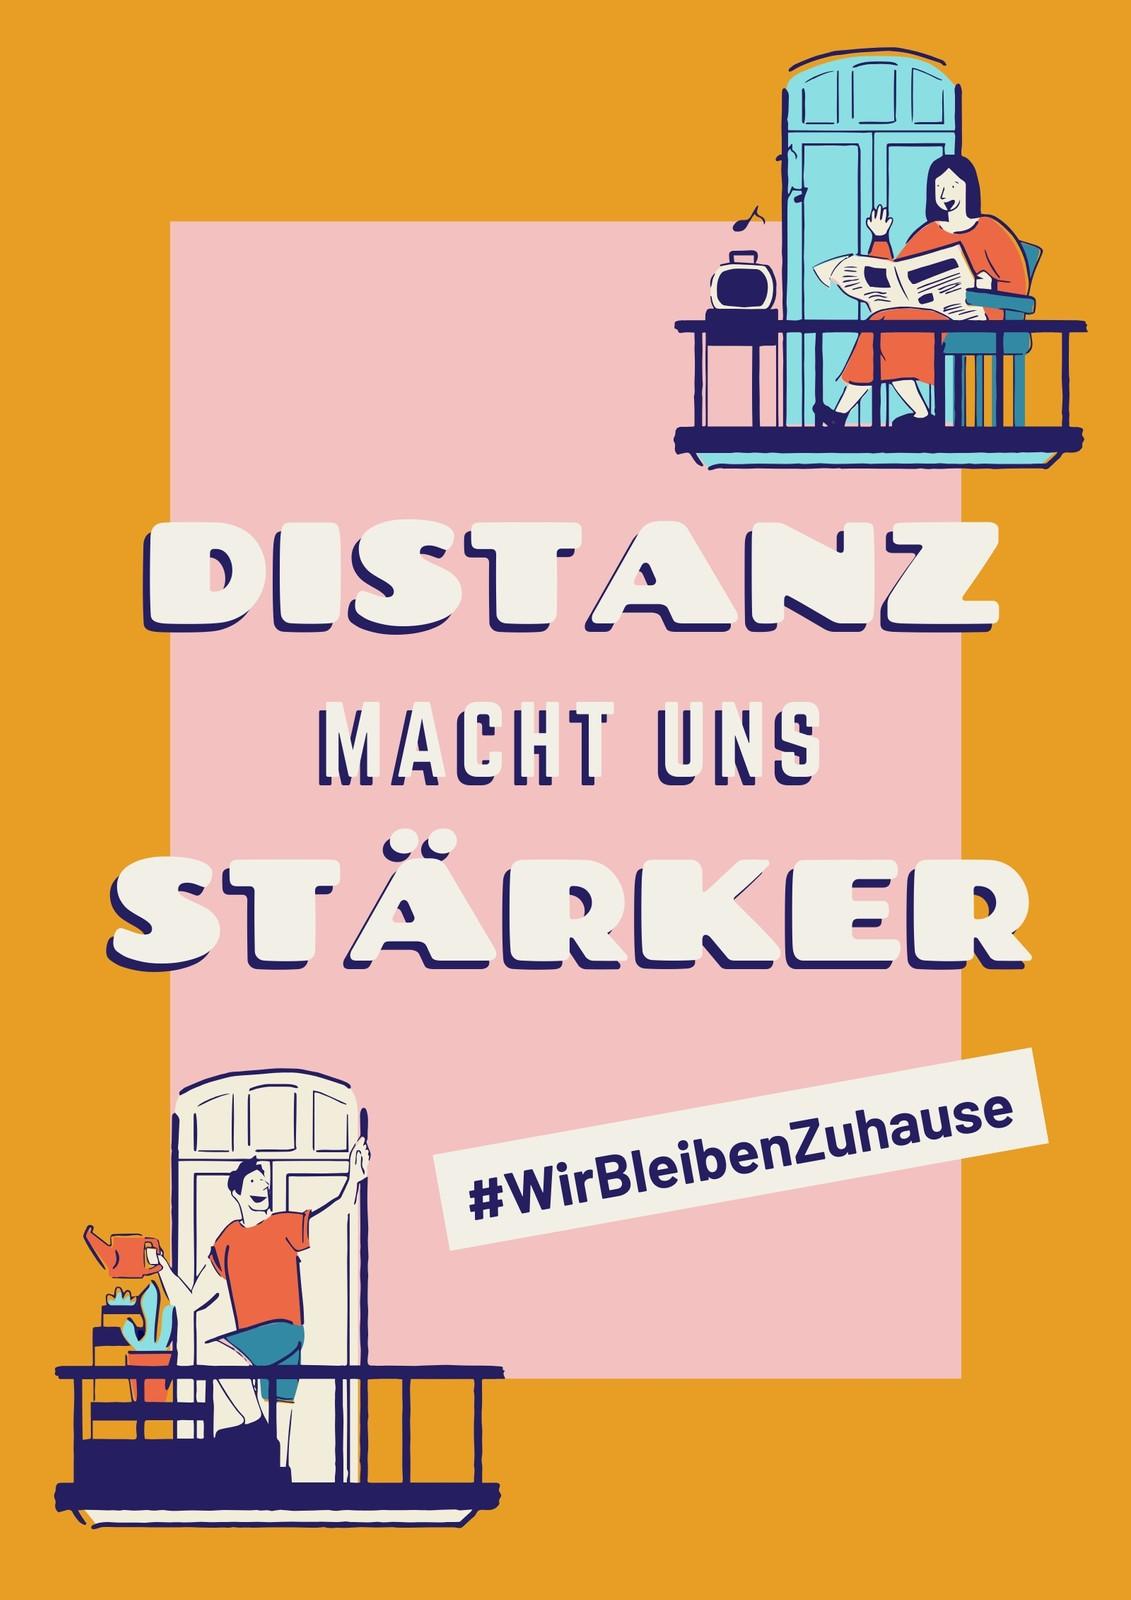 Gelb-pinkes Distanz Gesundheits-Poster